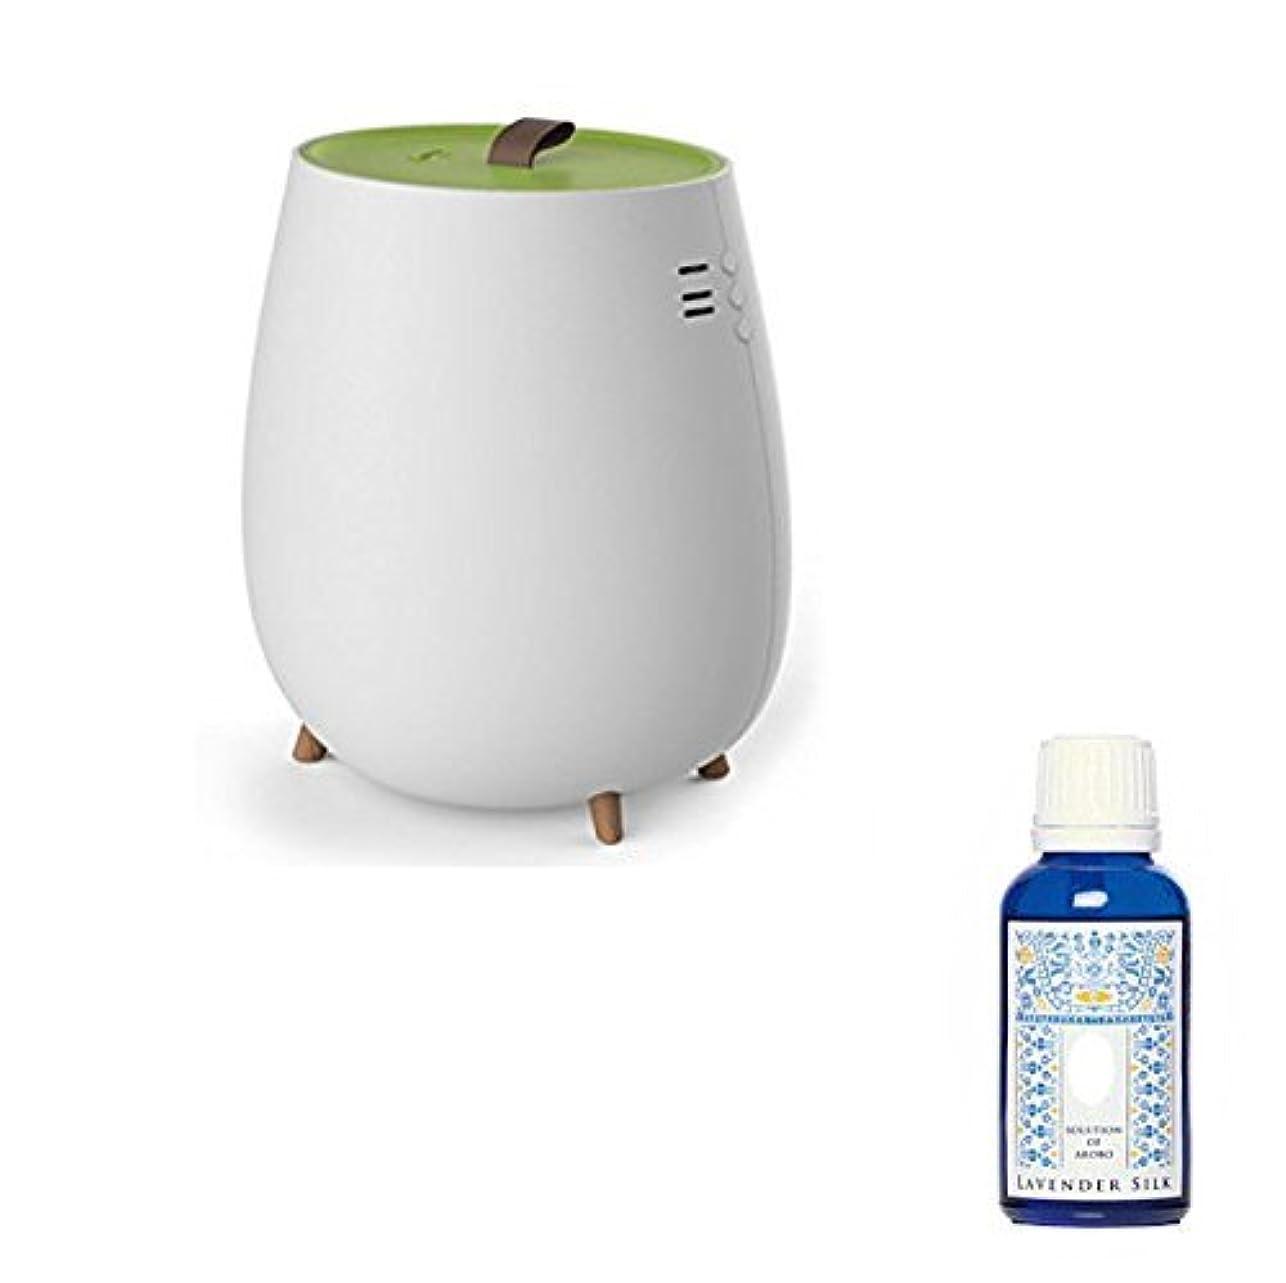 選出するパーティション味アロマ加湿器 超音波加湿器 2.3L セラヴィ アロマソリューション付 CLV-296 グリーン